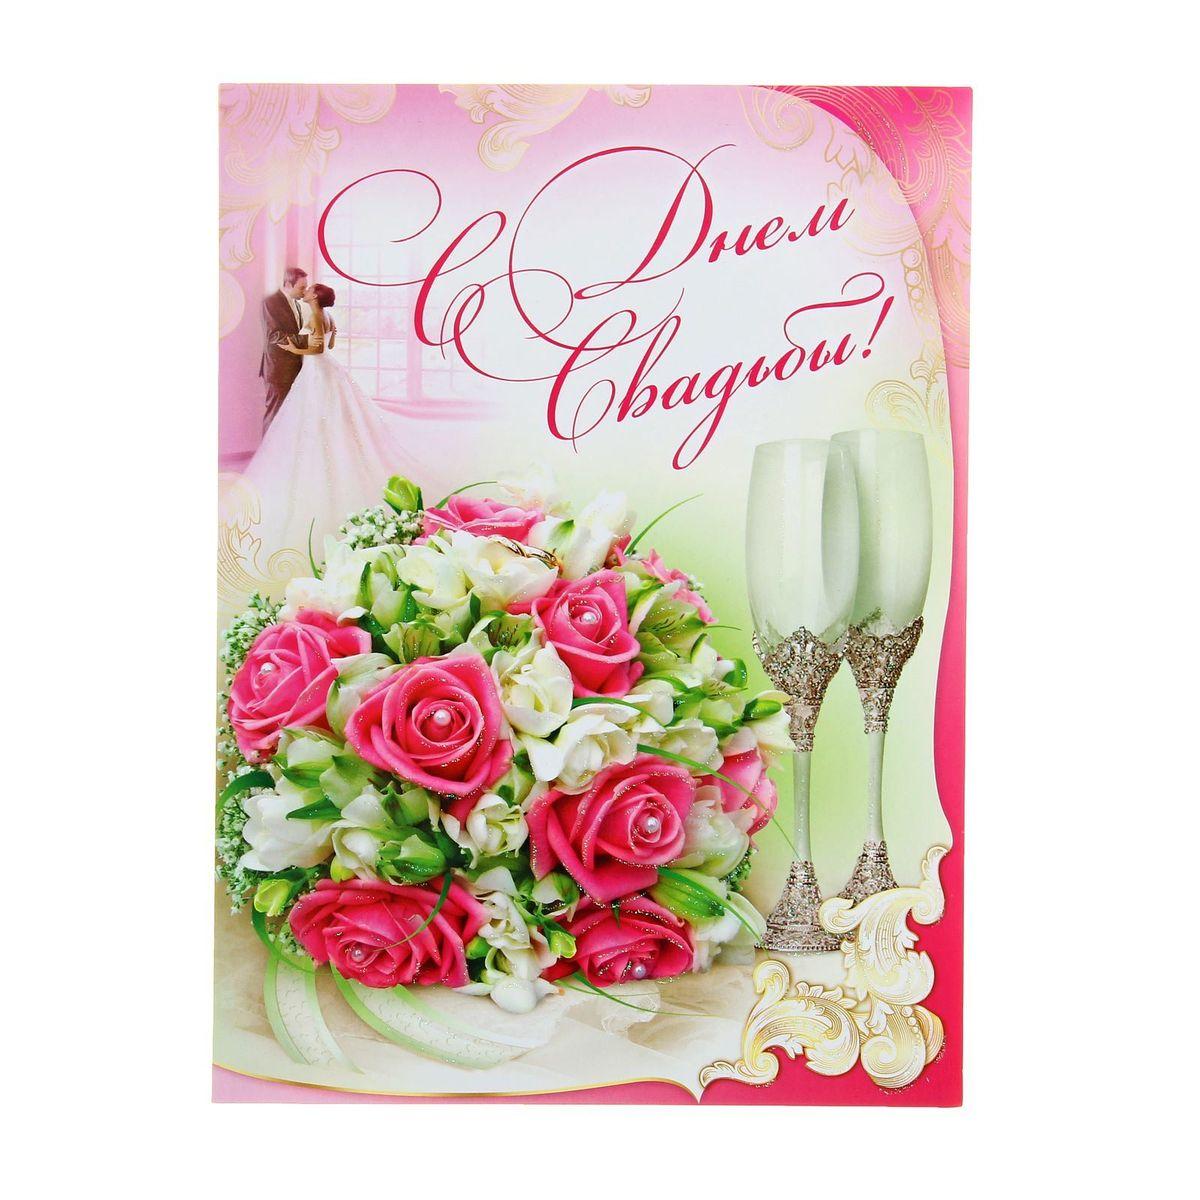 Открытка Эдельвейс С днем свадьбы!1148699Если вы хотите порадовать себя или близких, создать праздничное настроение и с улыбкой провести памятный день, то вы, несомненно, сделали правильный выбор! Открытка Эдельвейс С днем свадьбы!, выполненная из плотной бумаги, отличается не только оригинальным дизайном, но и высоким качеством.